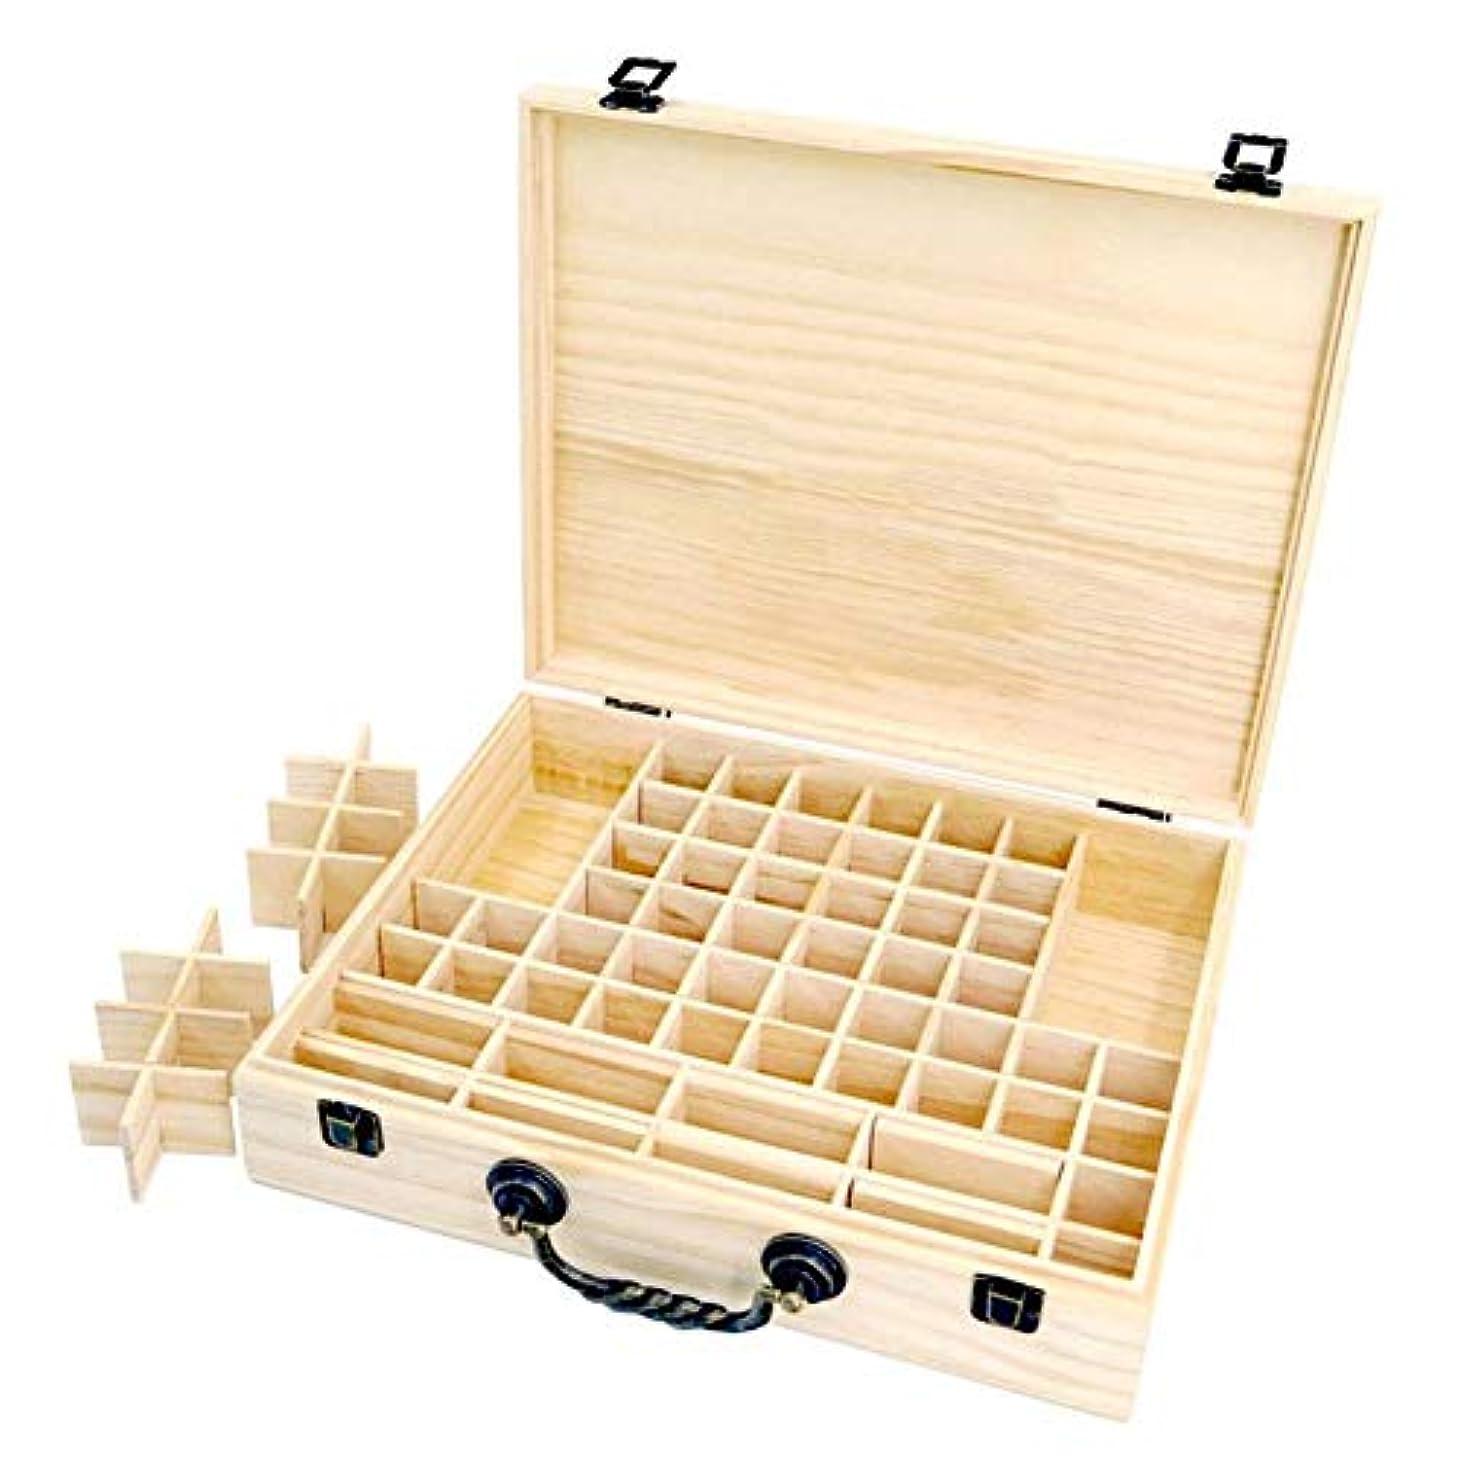 アウター集まる申し立てエッセンシャルオイル収納ボックス 収納ケース 保存ボックス パイン製 取り外し可能なメッシュ 70グリッド 持ち運び便利 junexi